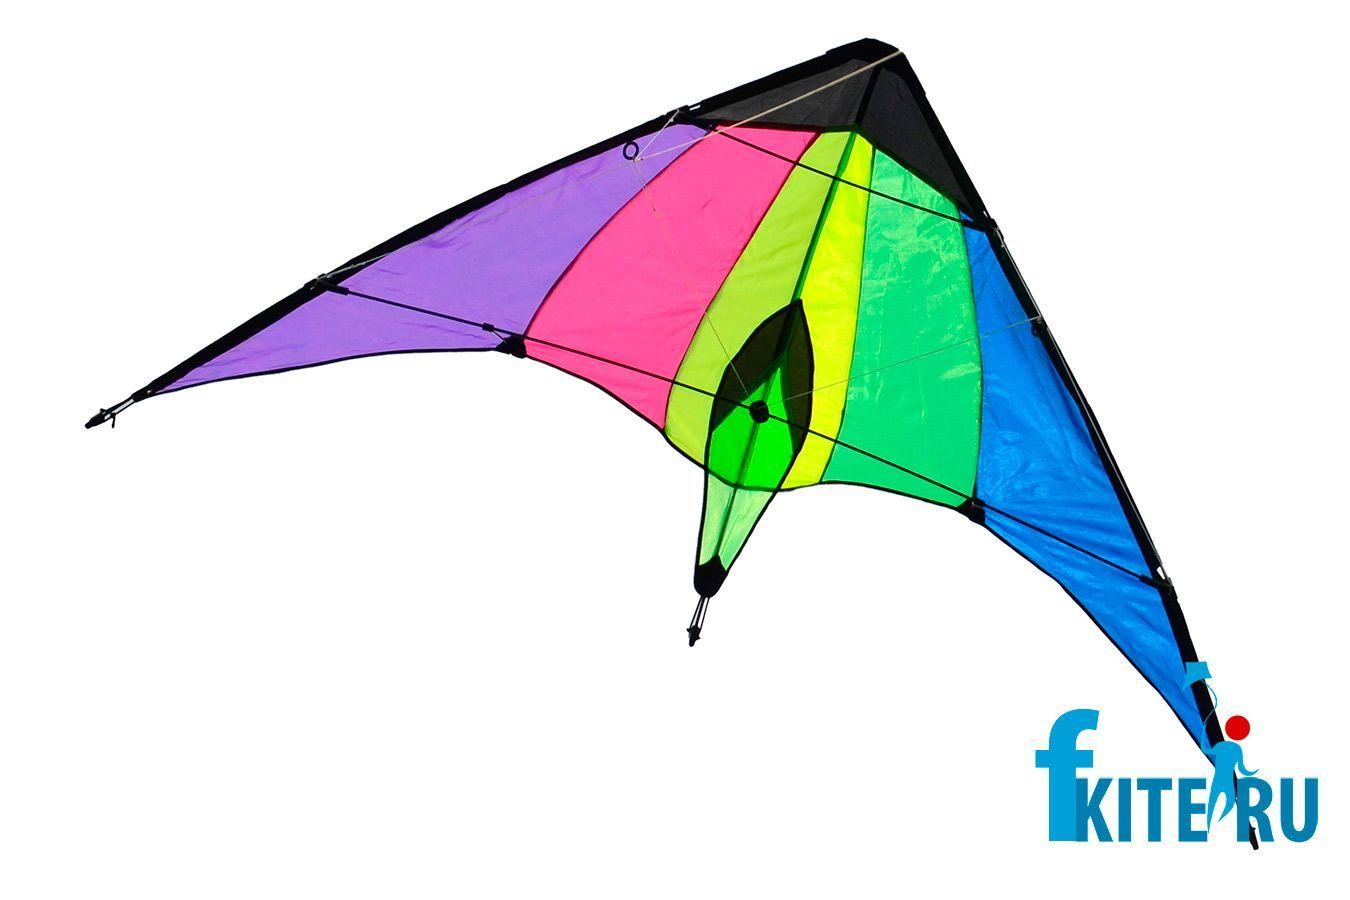 Дирис, управляемый воздушный змей [ZU5075]